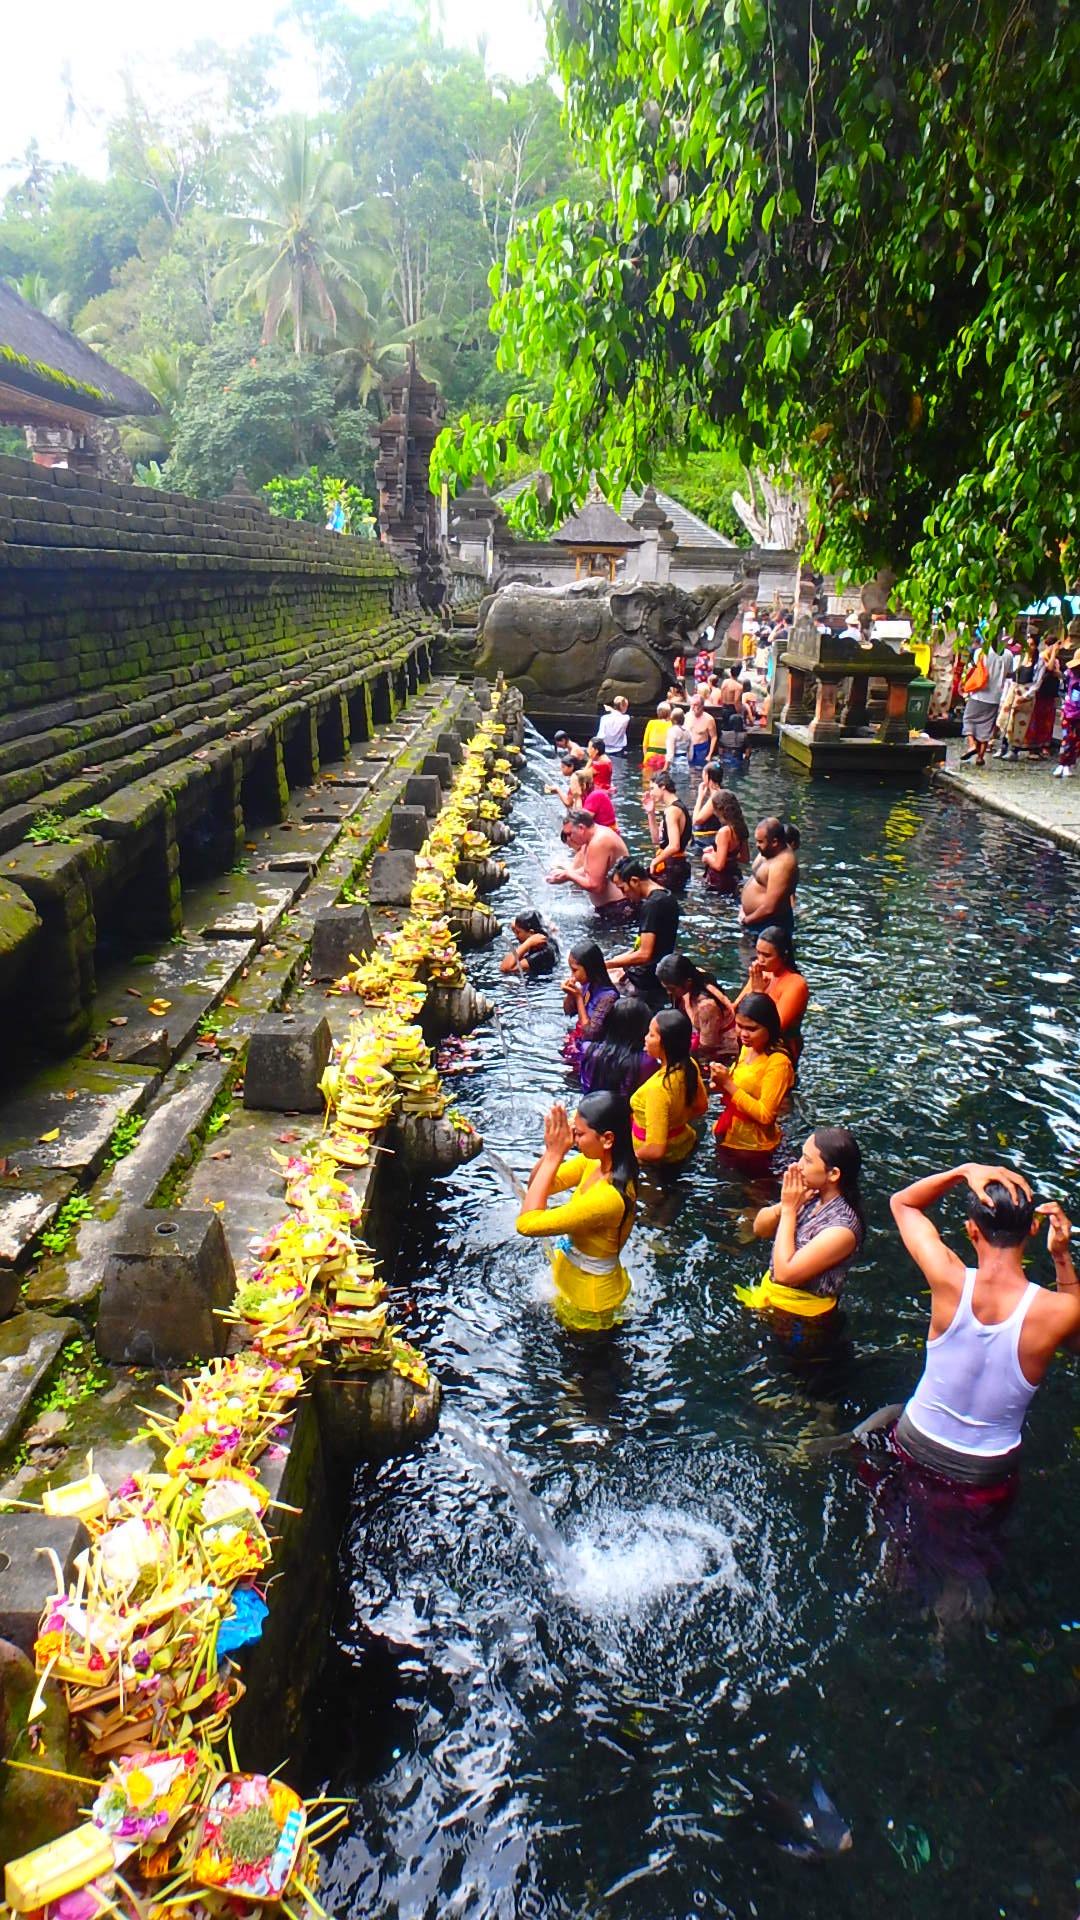 バリ島ティルタウンプル寺院の聖水で巡礼する信者